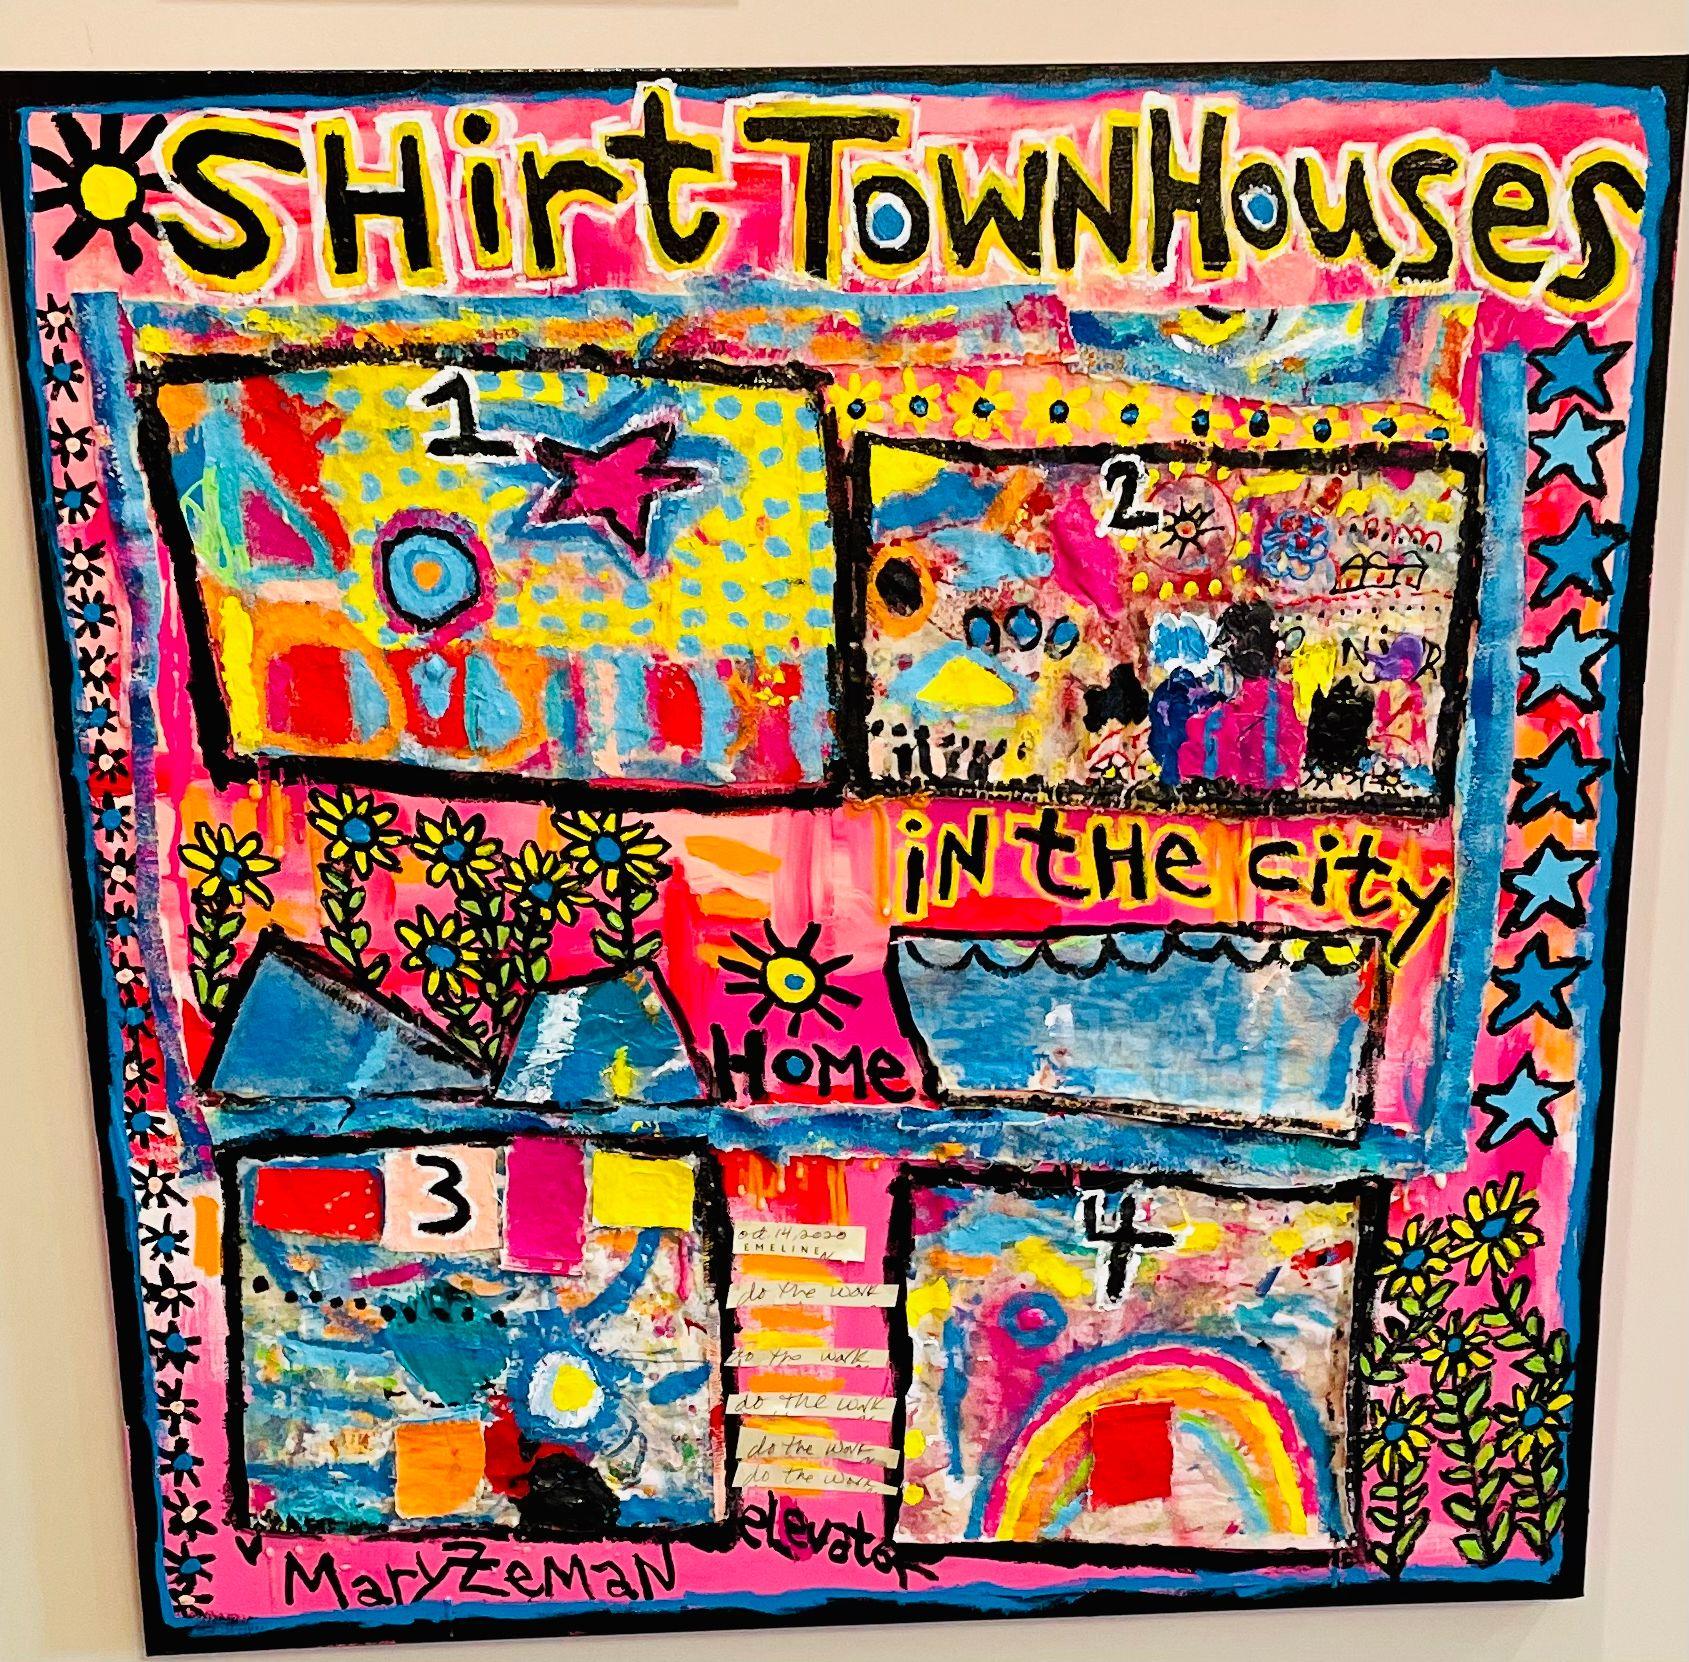 newshirthouses